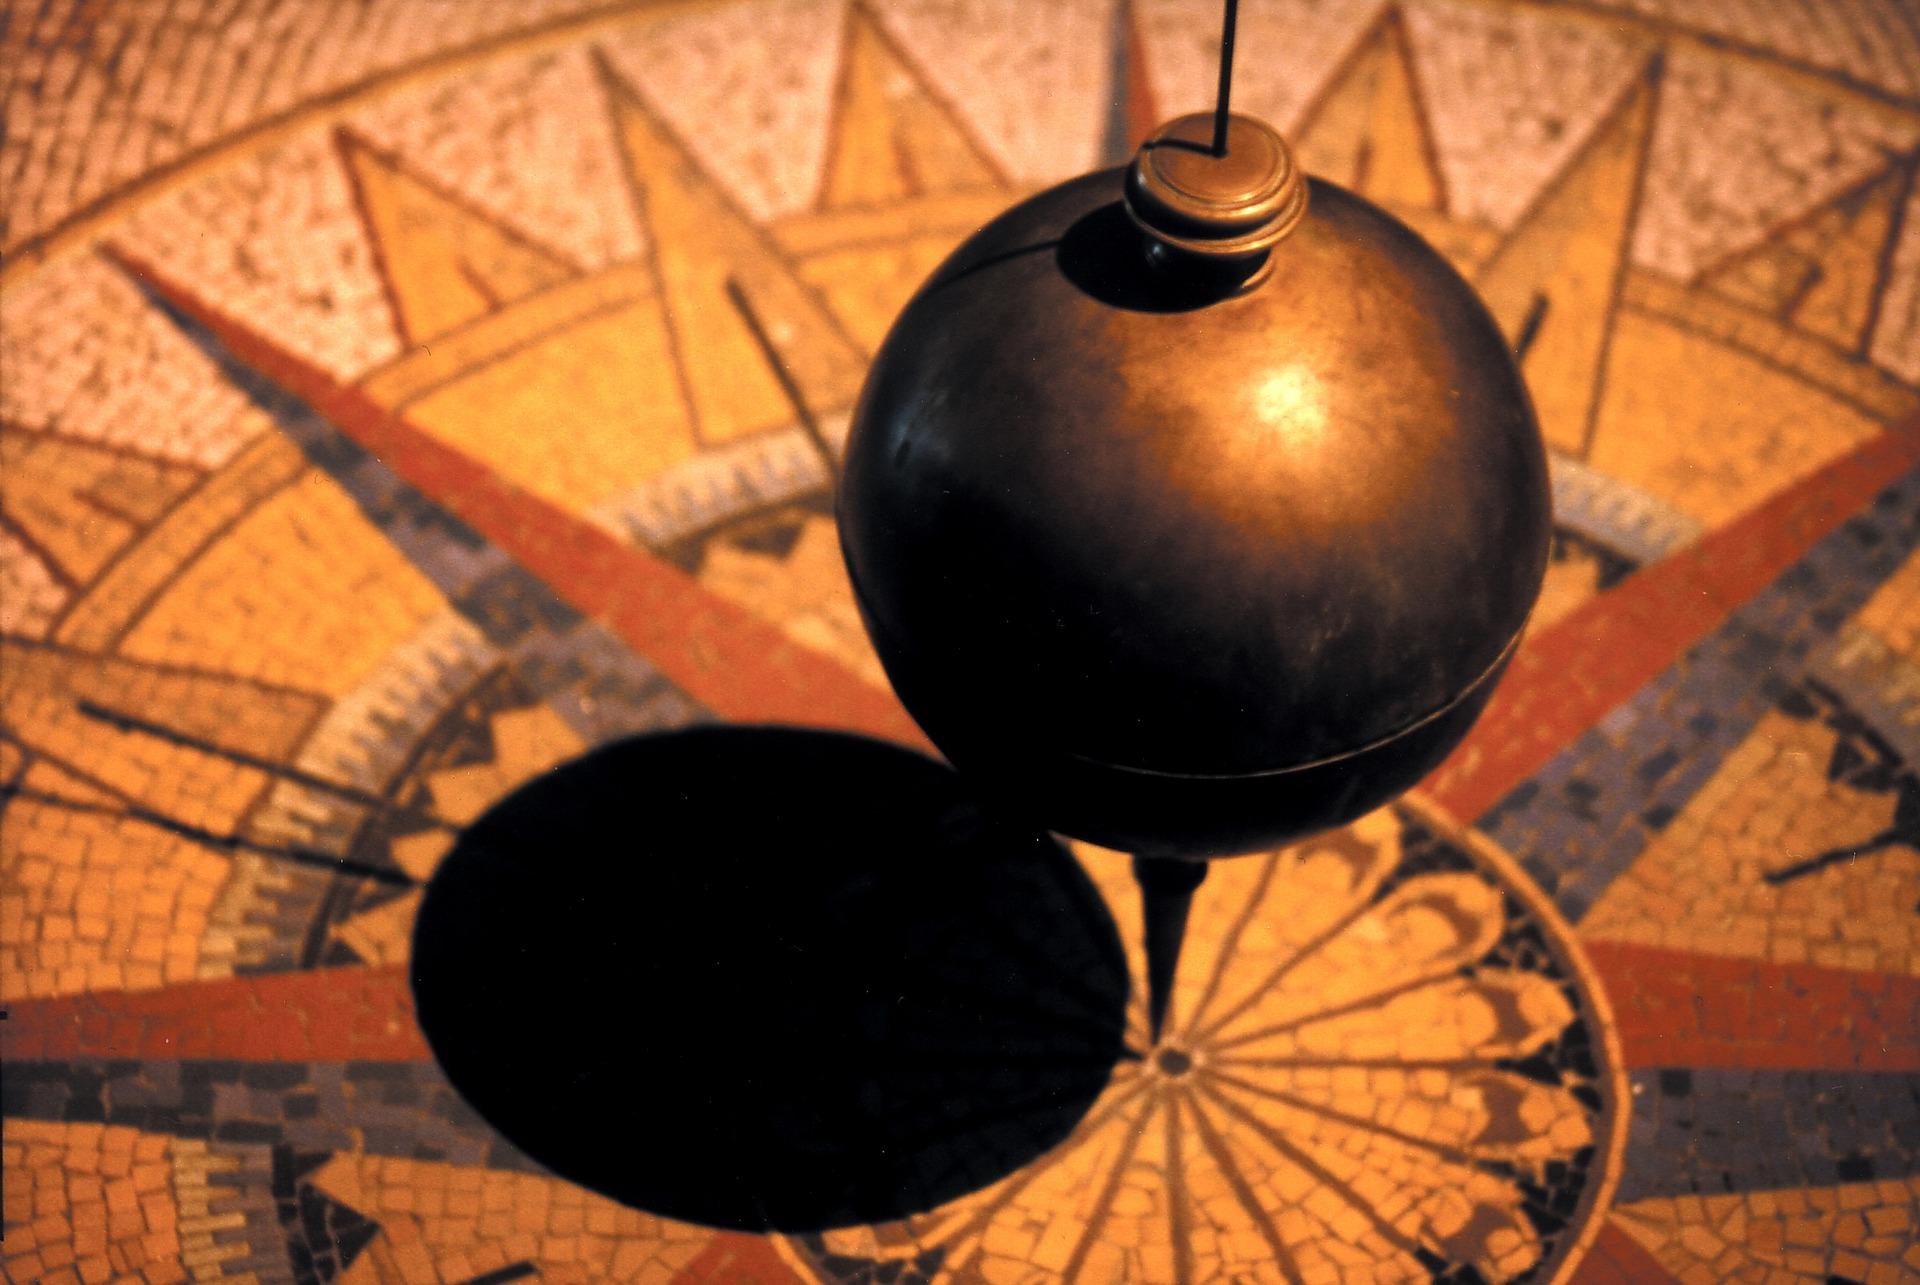 pendulum-828641_1920